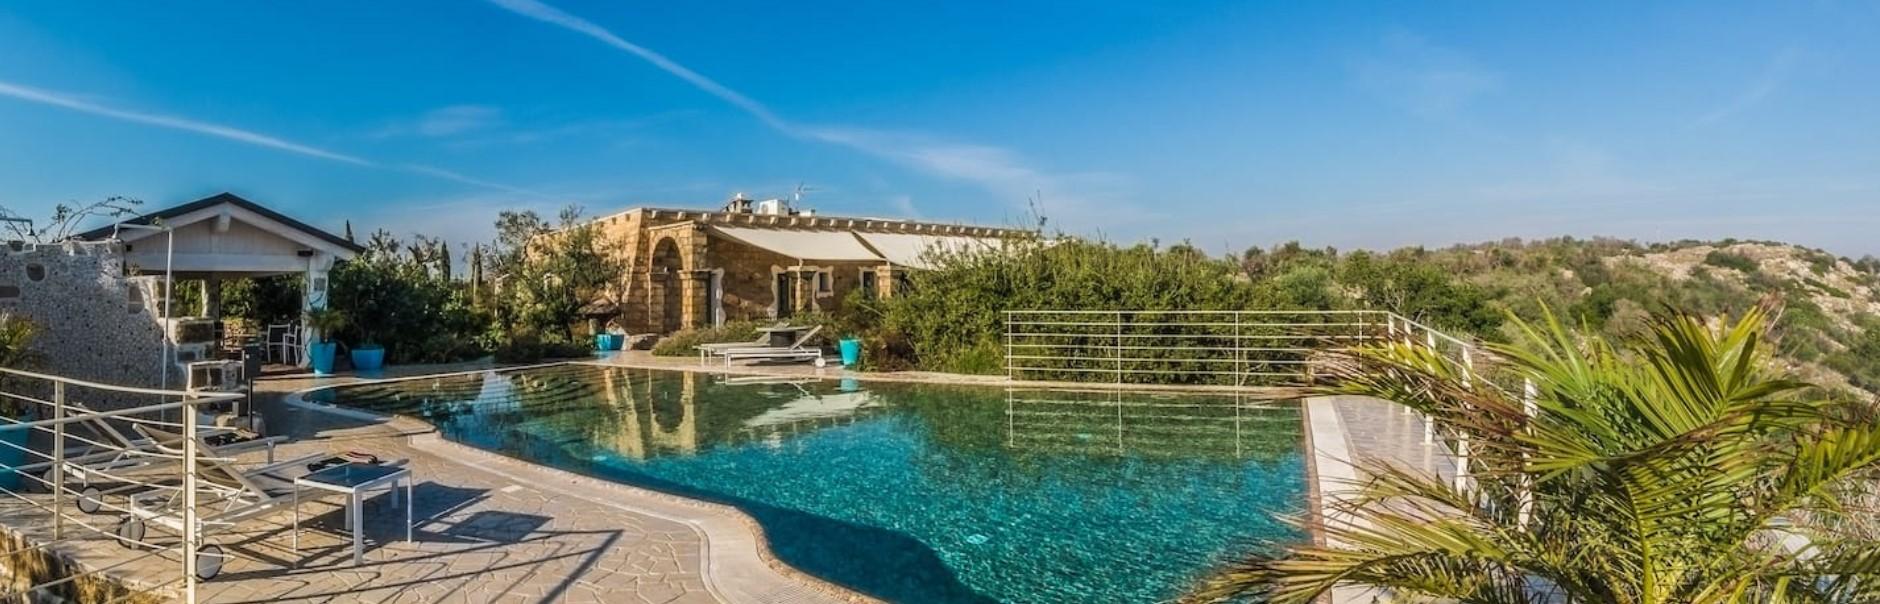 Villa Alto Mare - Capilungo